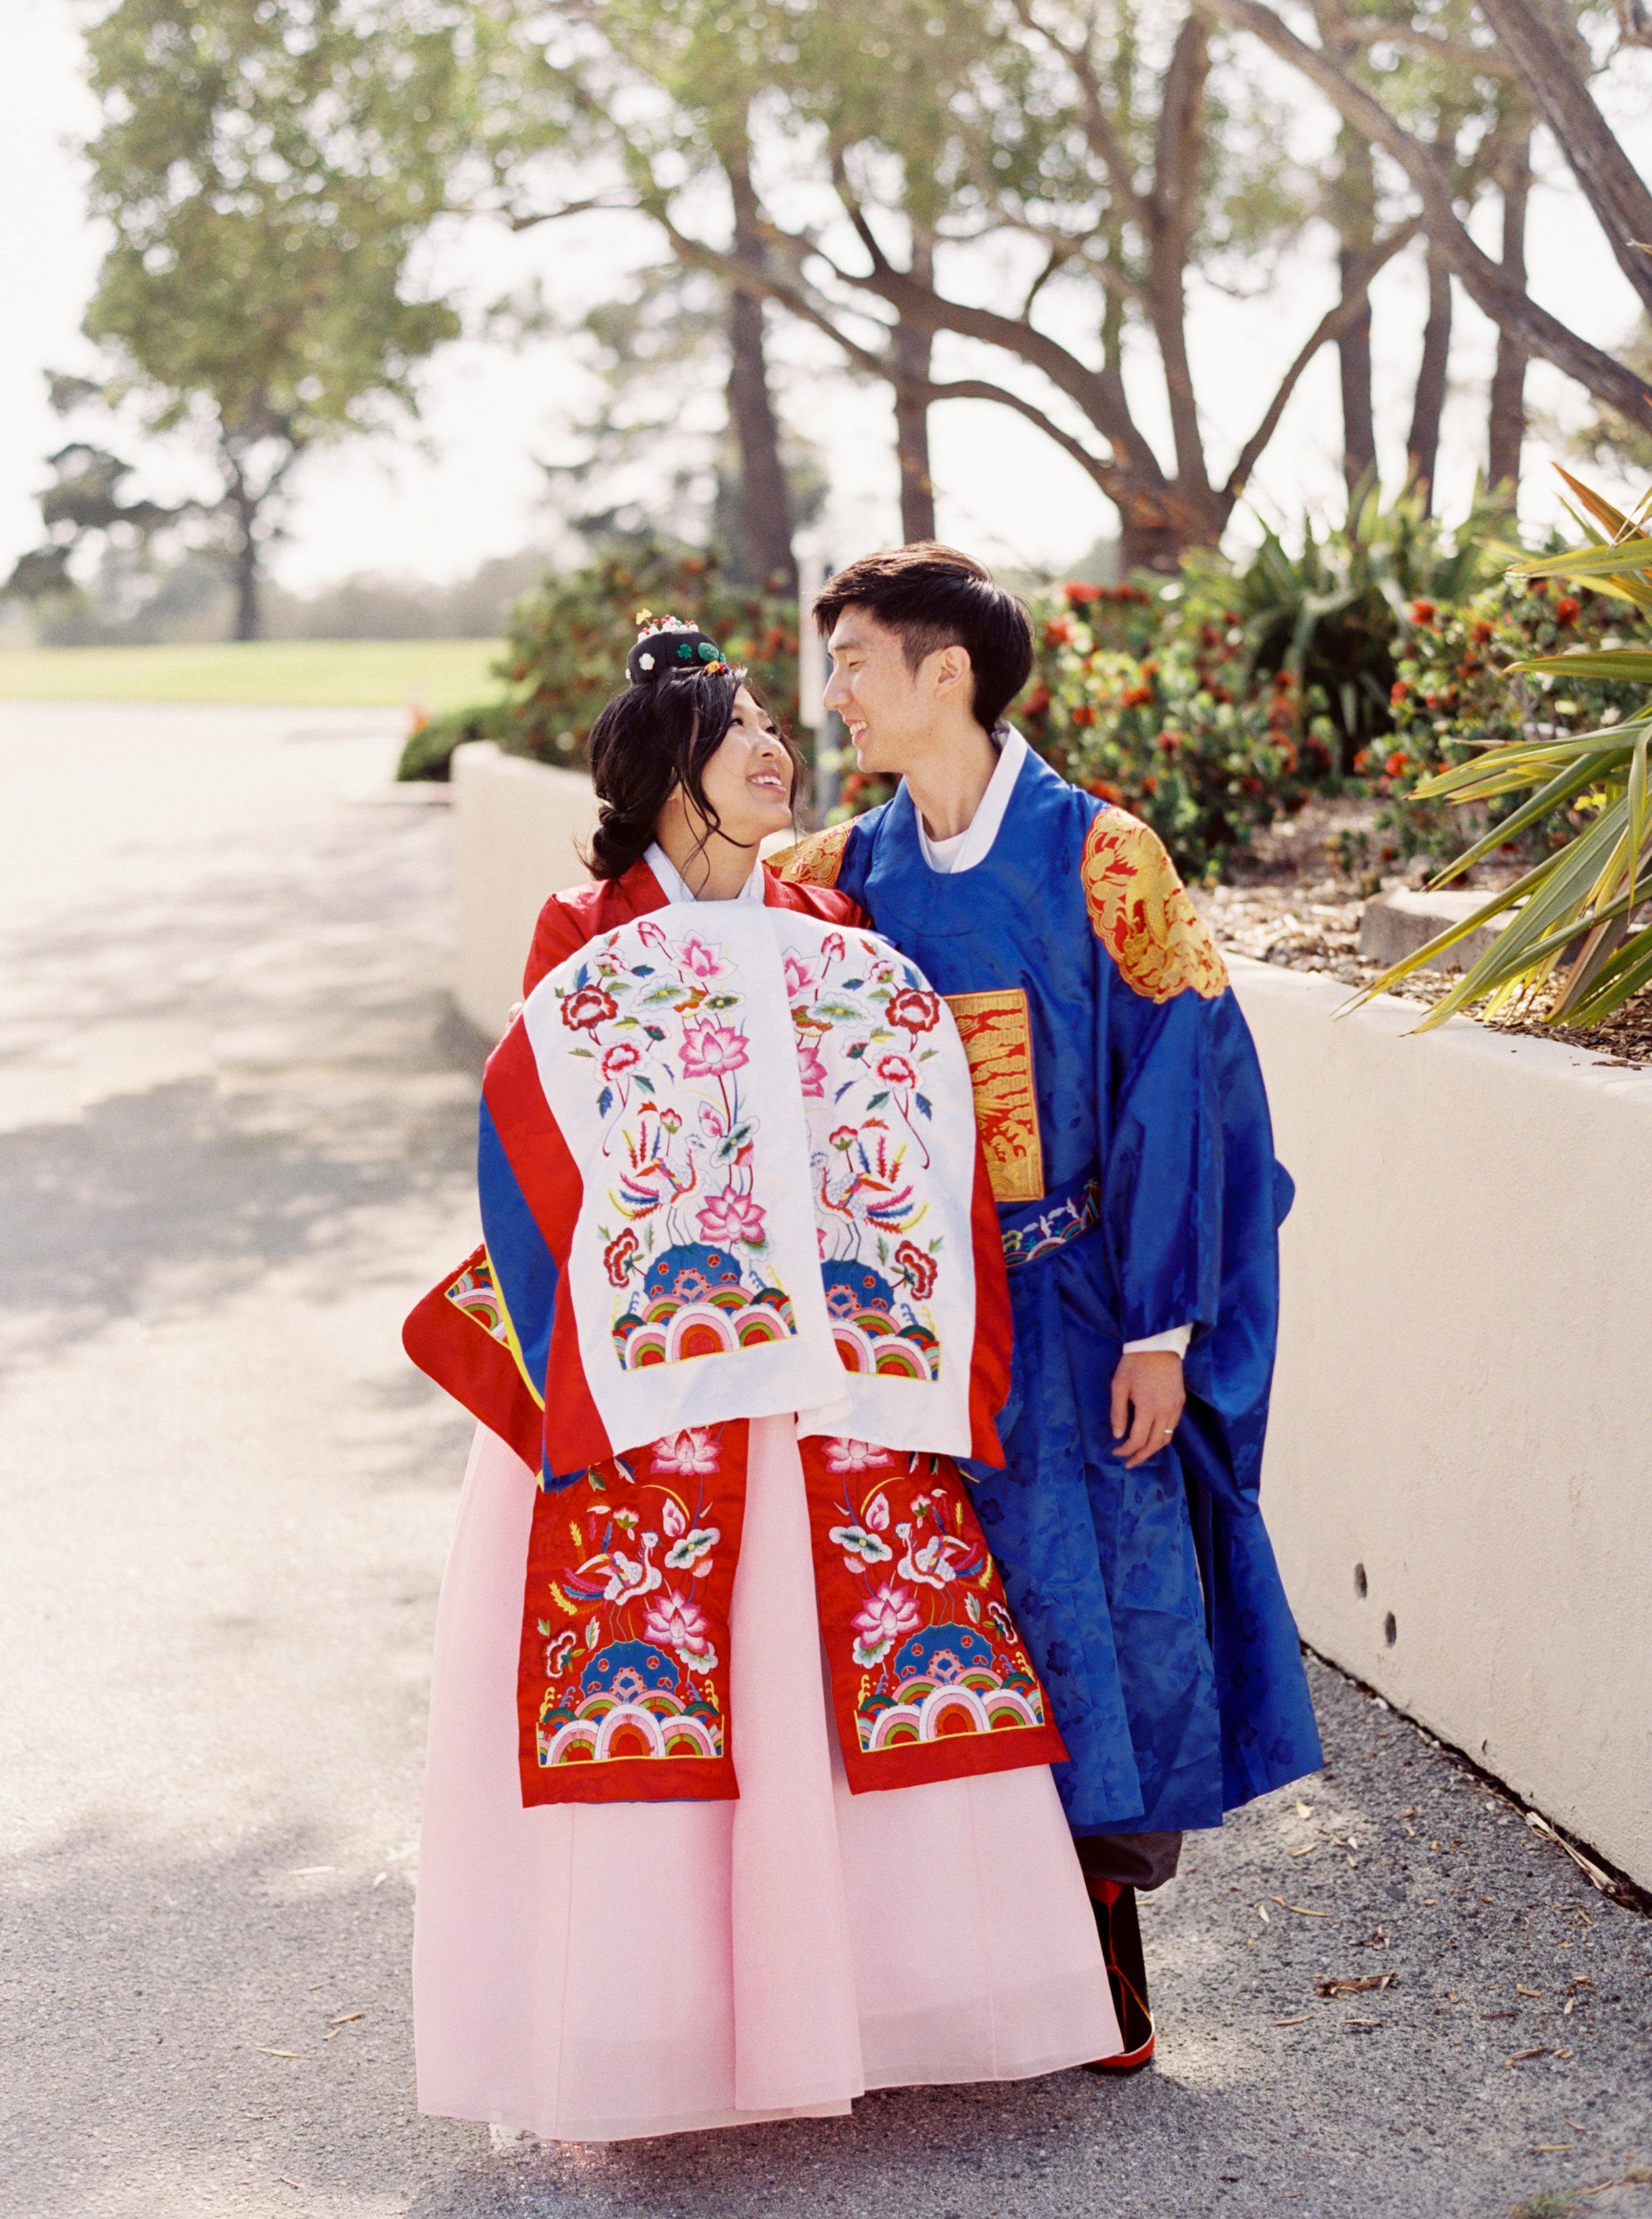 carmel-wedding-at-wedgewood-carmel-california-33.jpg